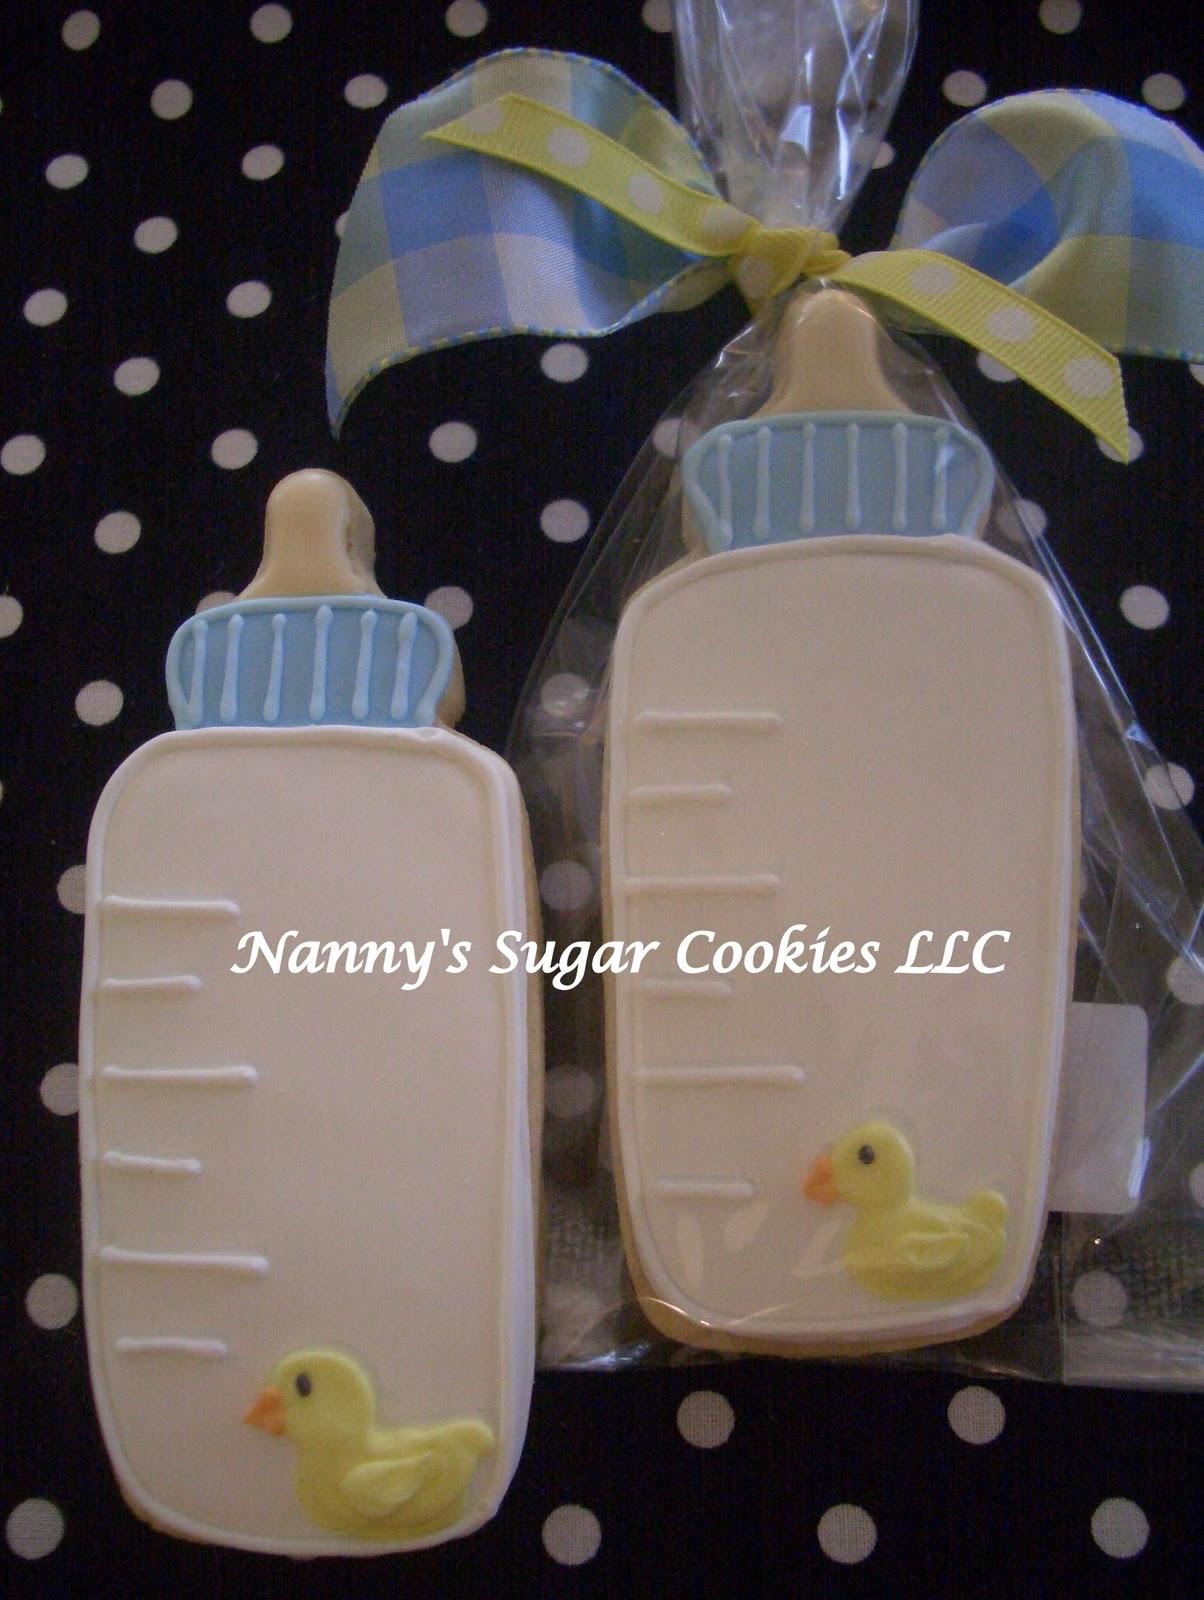 Nanny's Sugar Cookies LLC: Baby Shower Cookies